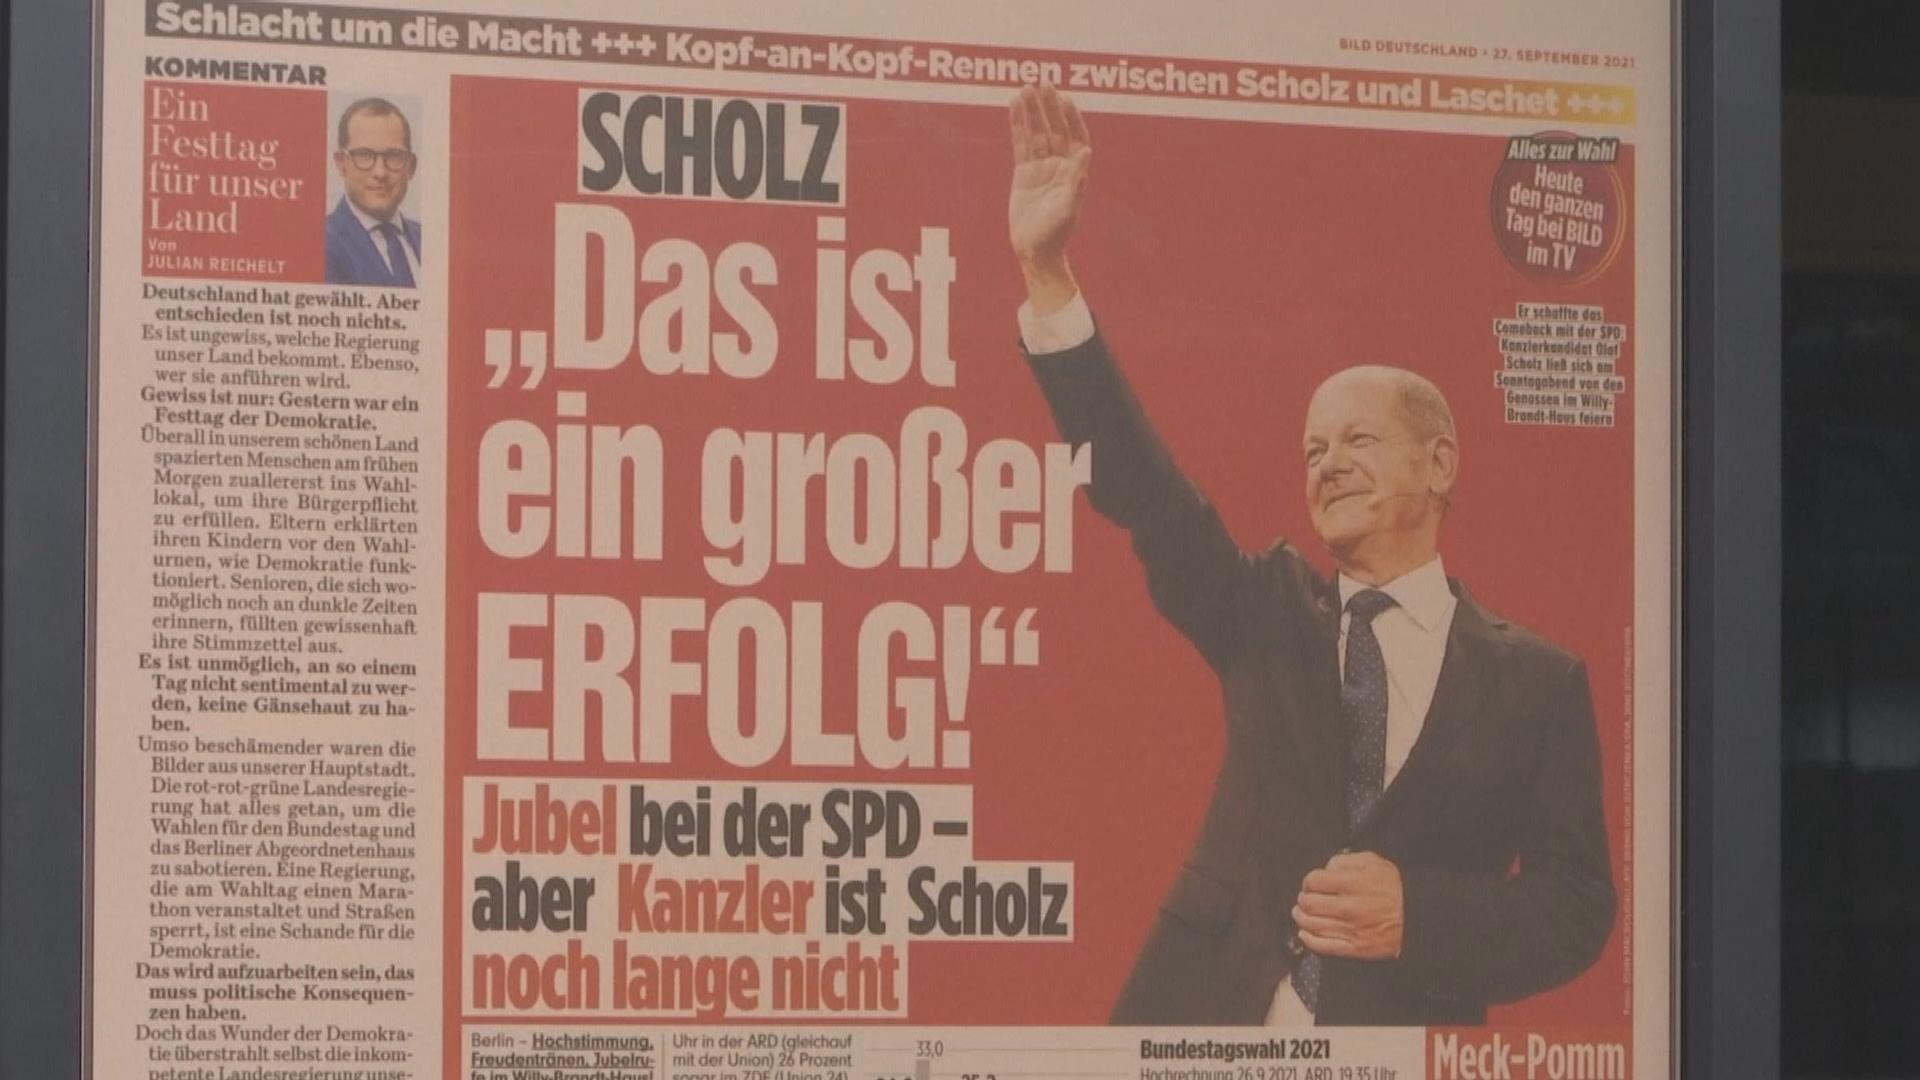 德國大選票站調查顯示社民黨些微優勢領先